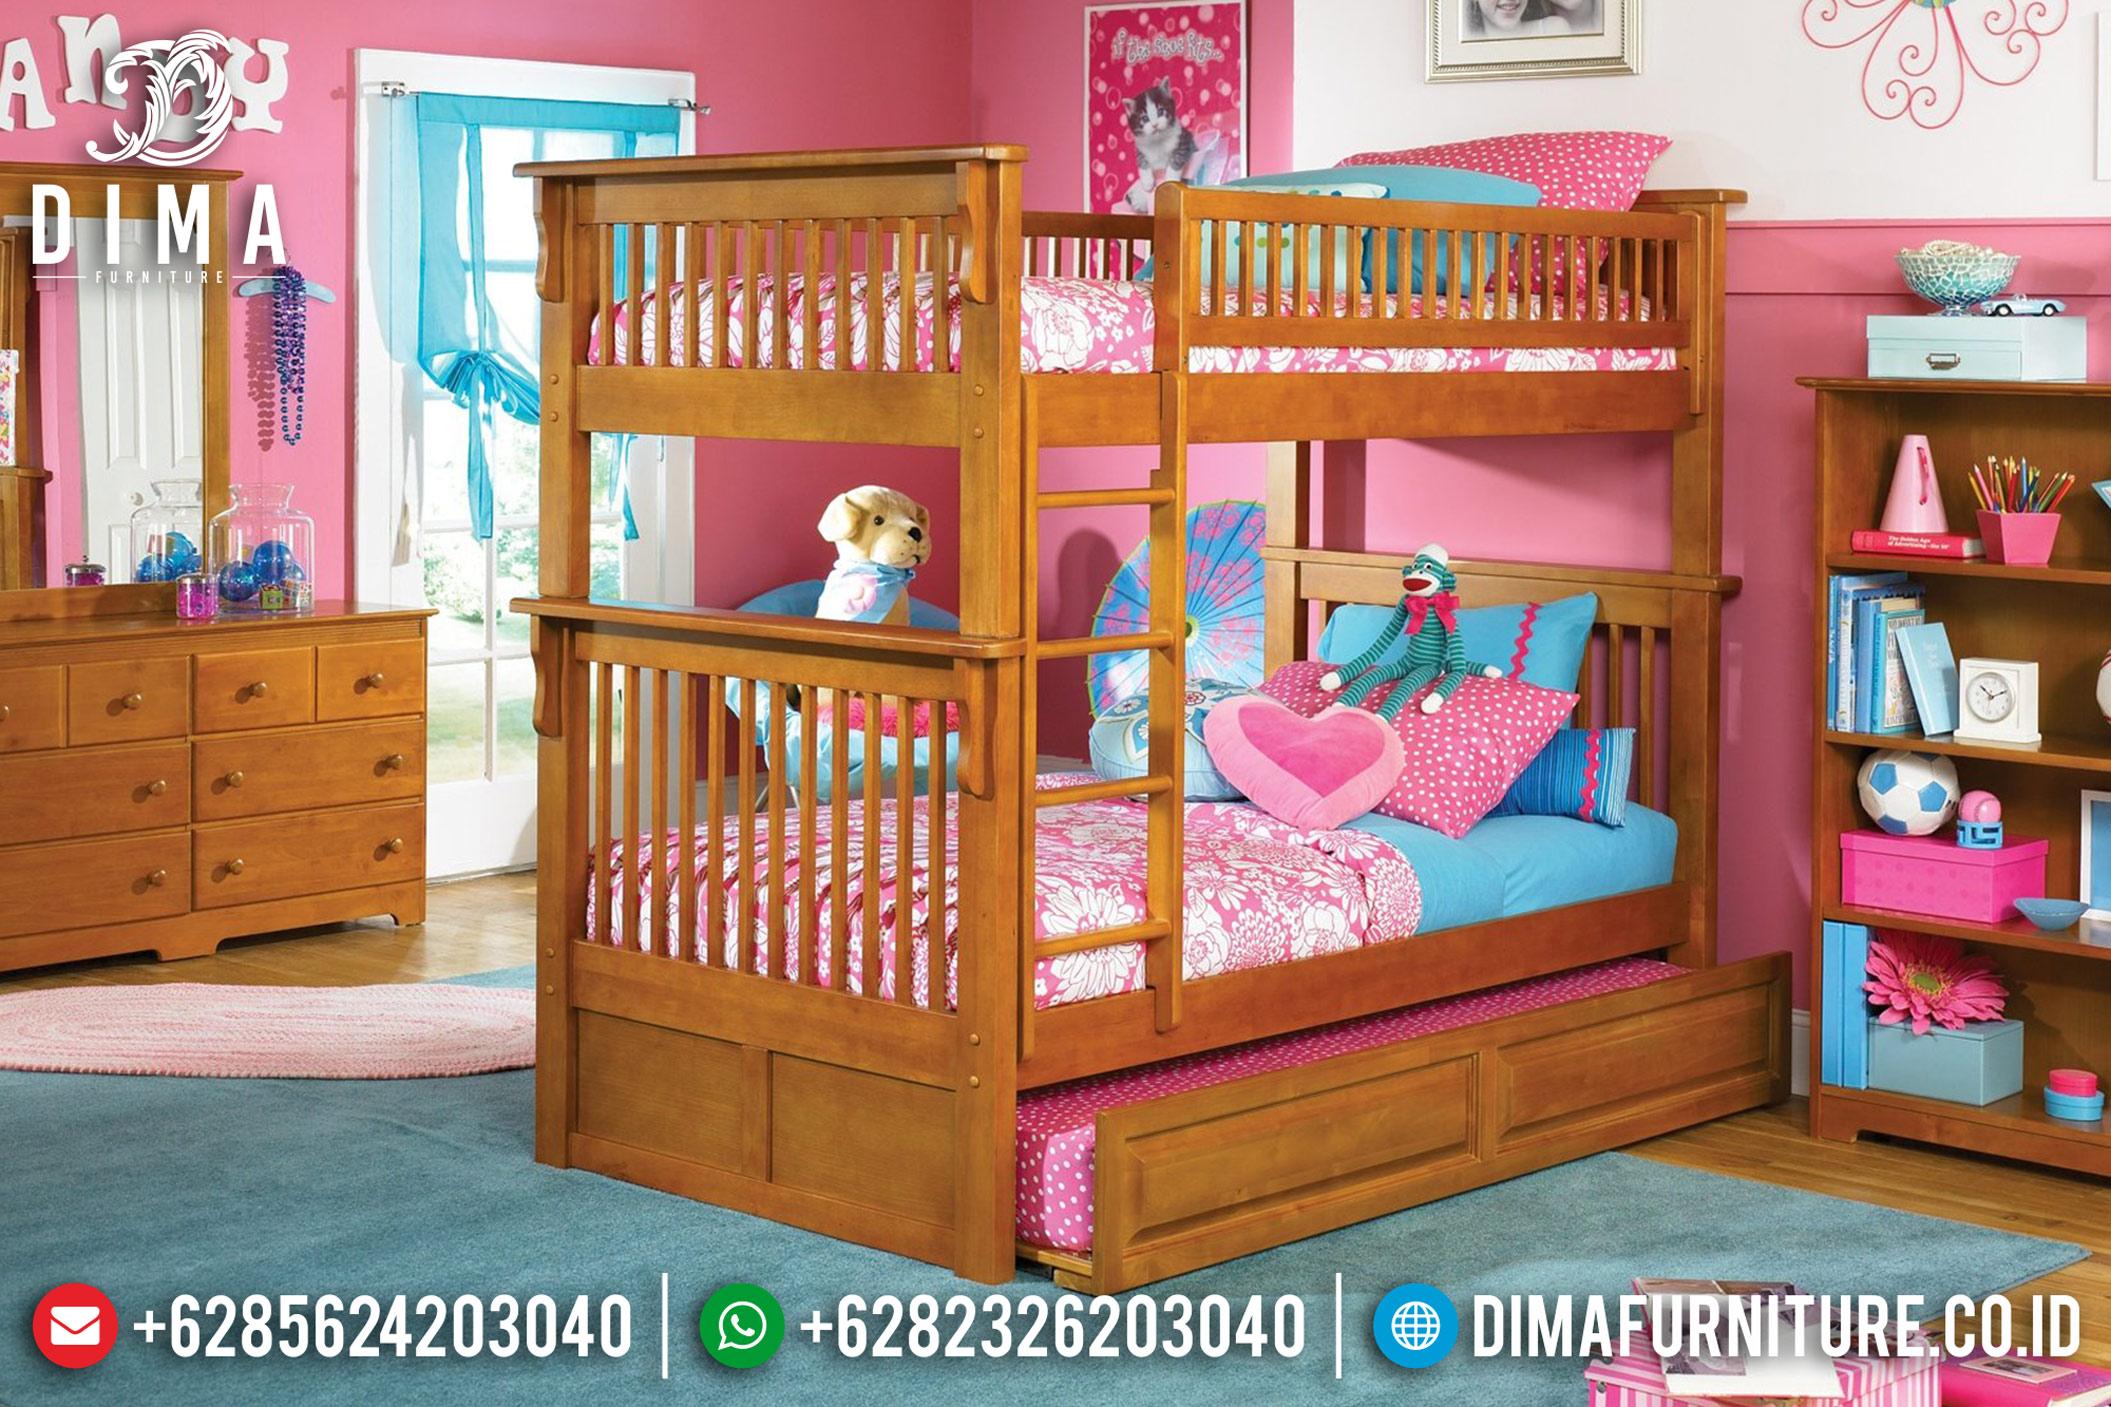 Jual Set Kamar Tempat Tidur Anak Tingkat Jati Minimalis Andy DF-0746